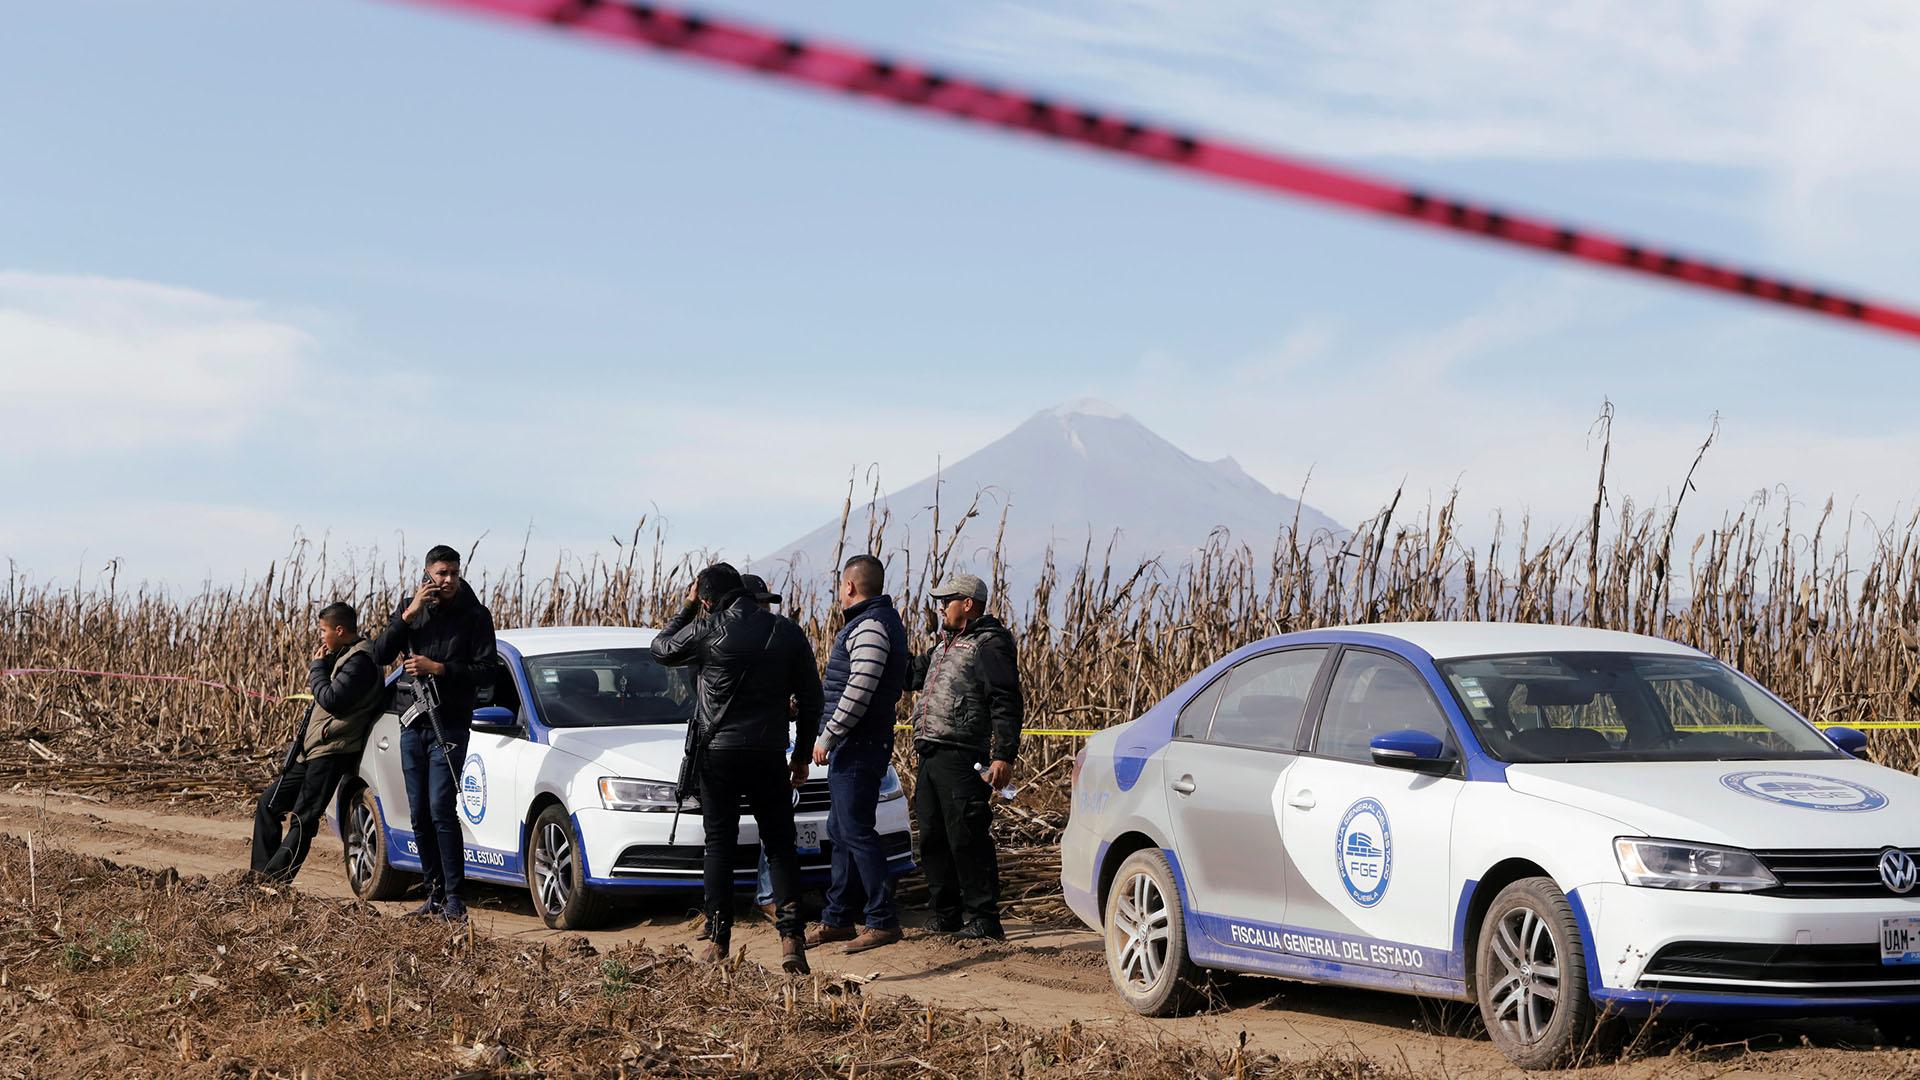 Lugar donde cayó el helicóptero donde viajaba la gobernadora de Puebla y su esposo(Foto: REUTERS/Imelda Medina)